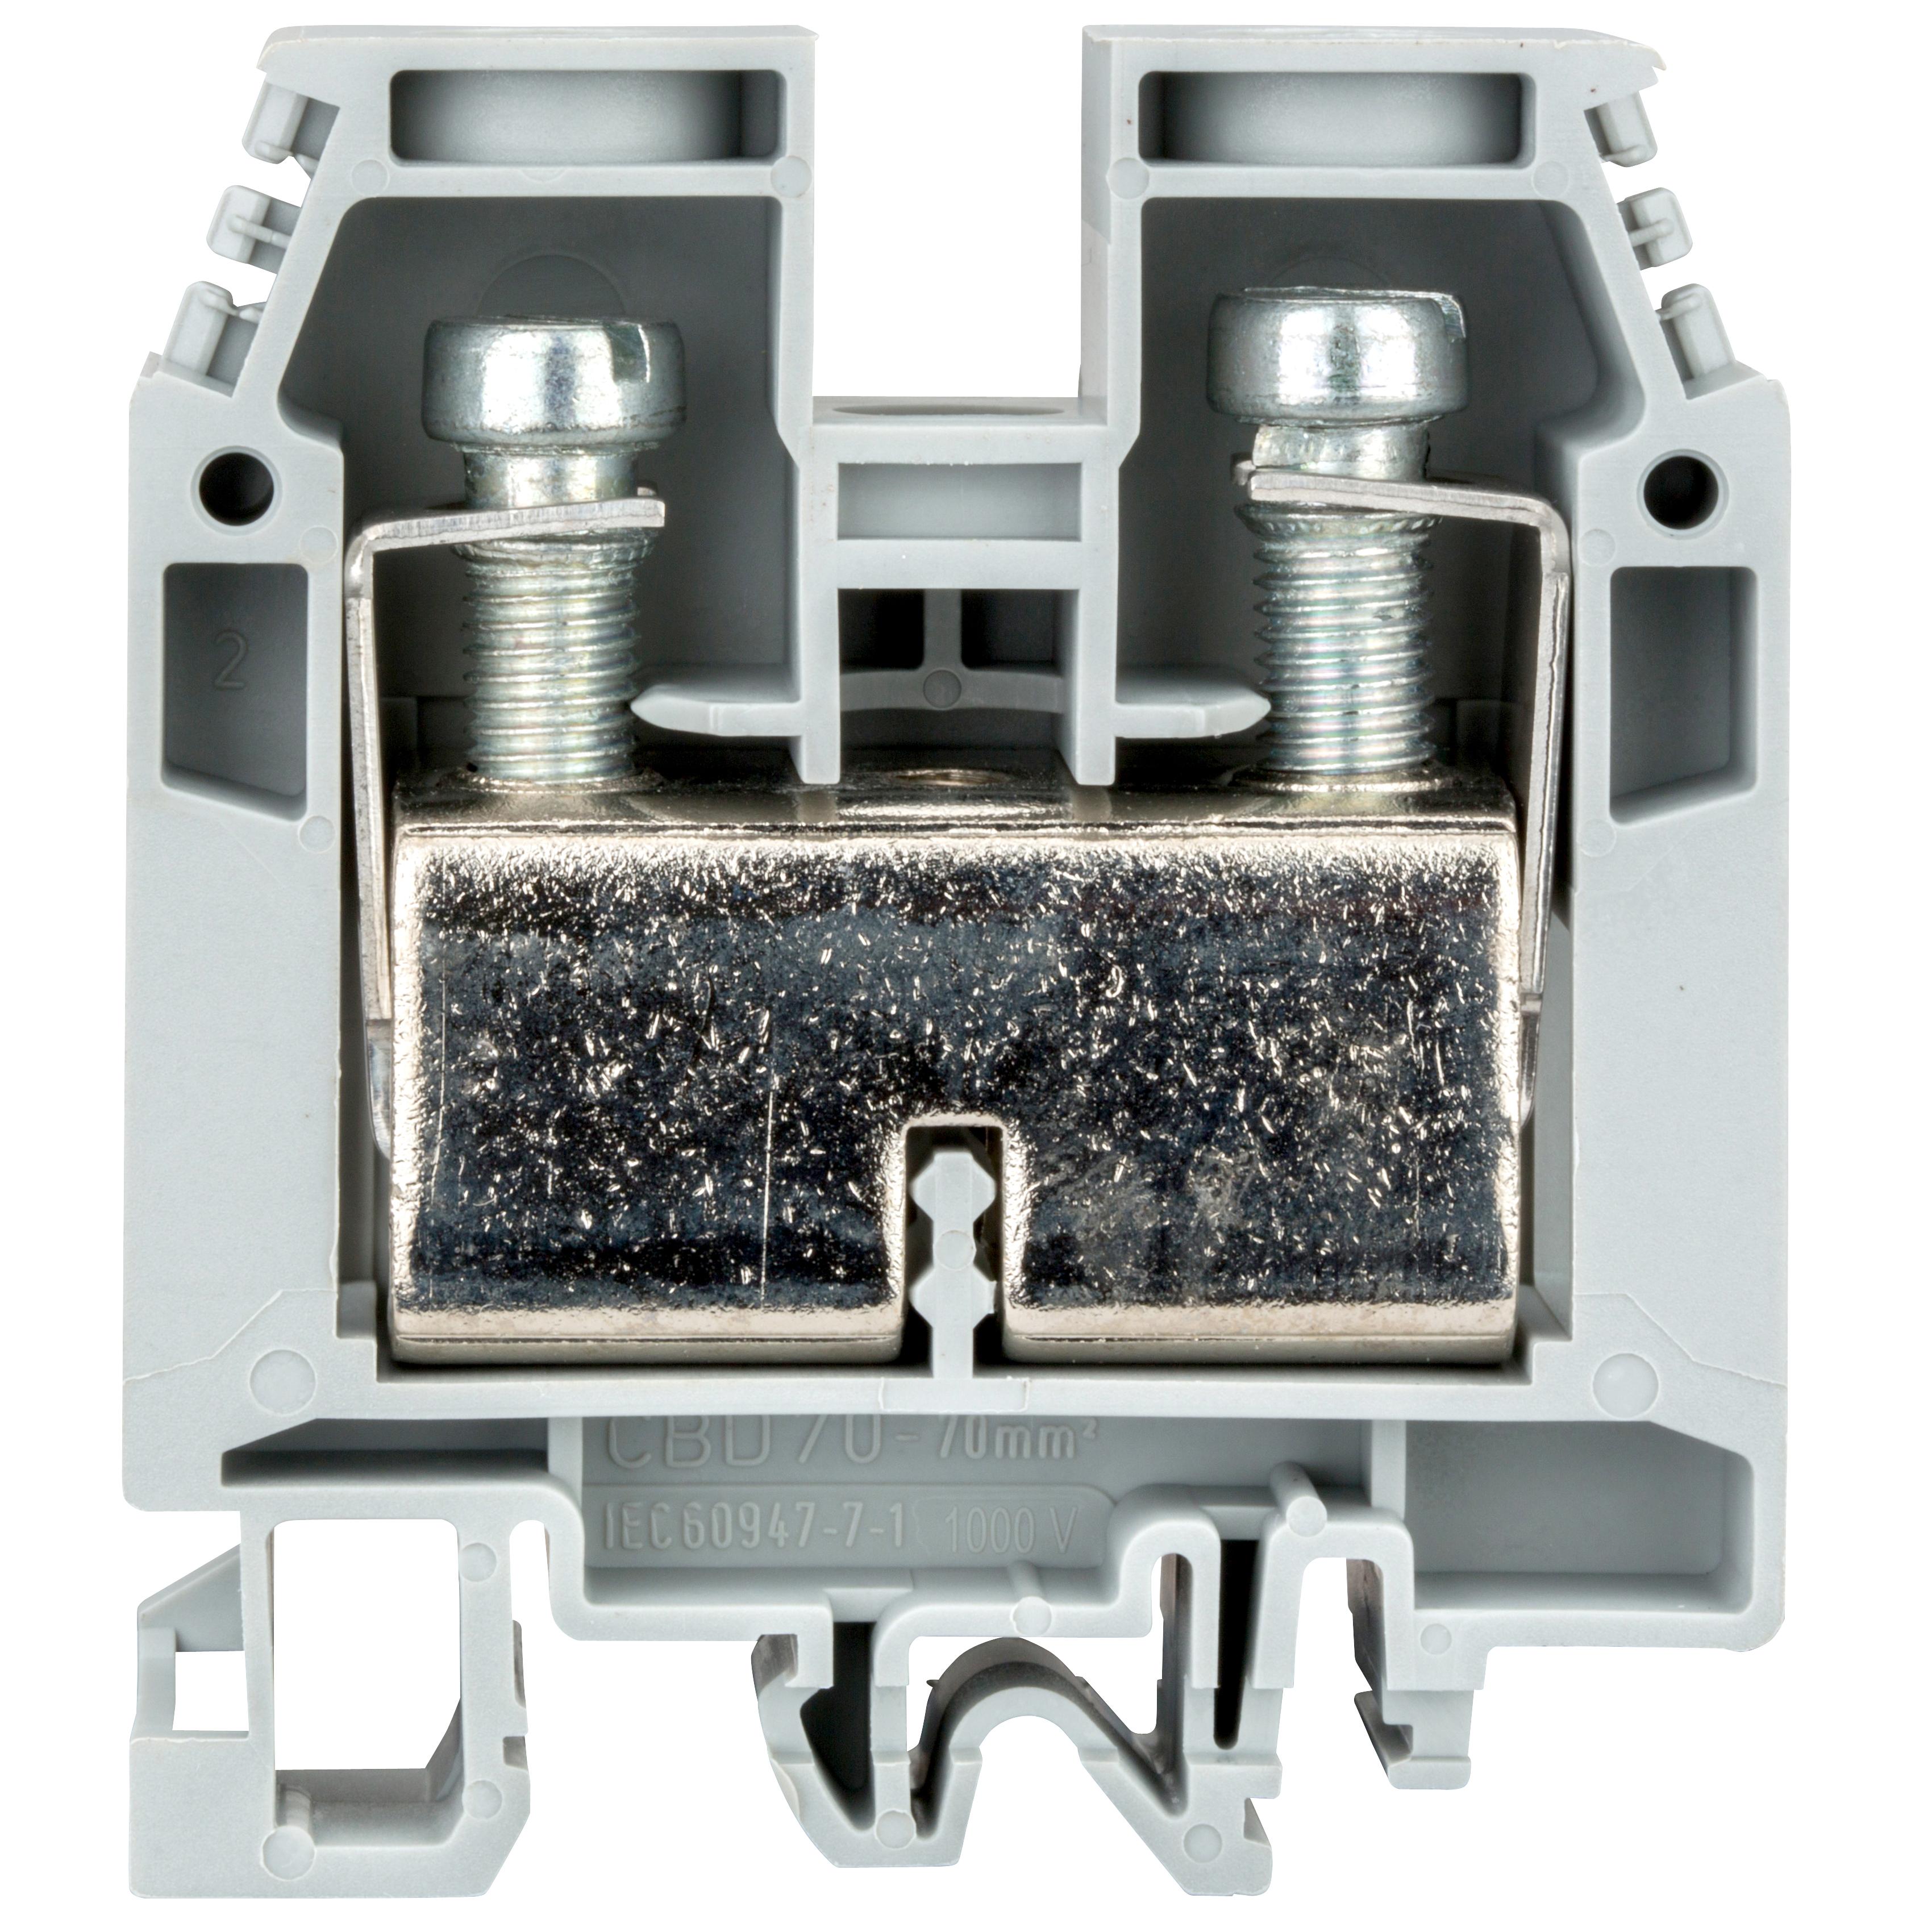 1 Stk Reihenklemme CBD.70 grau, 70mm² IK100070-A